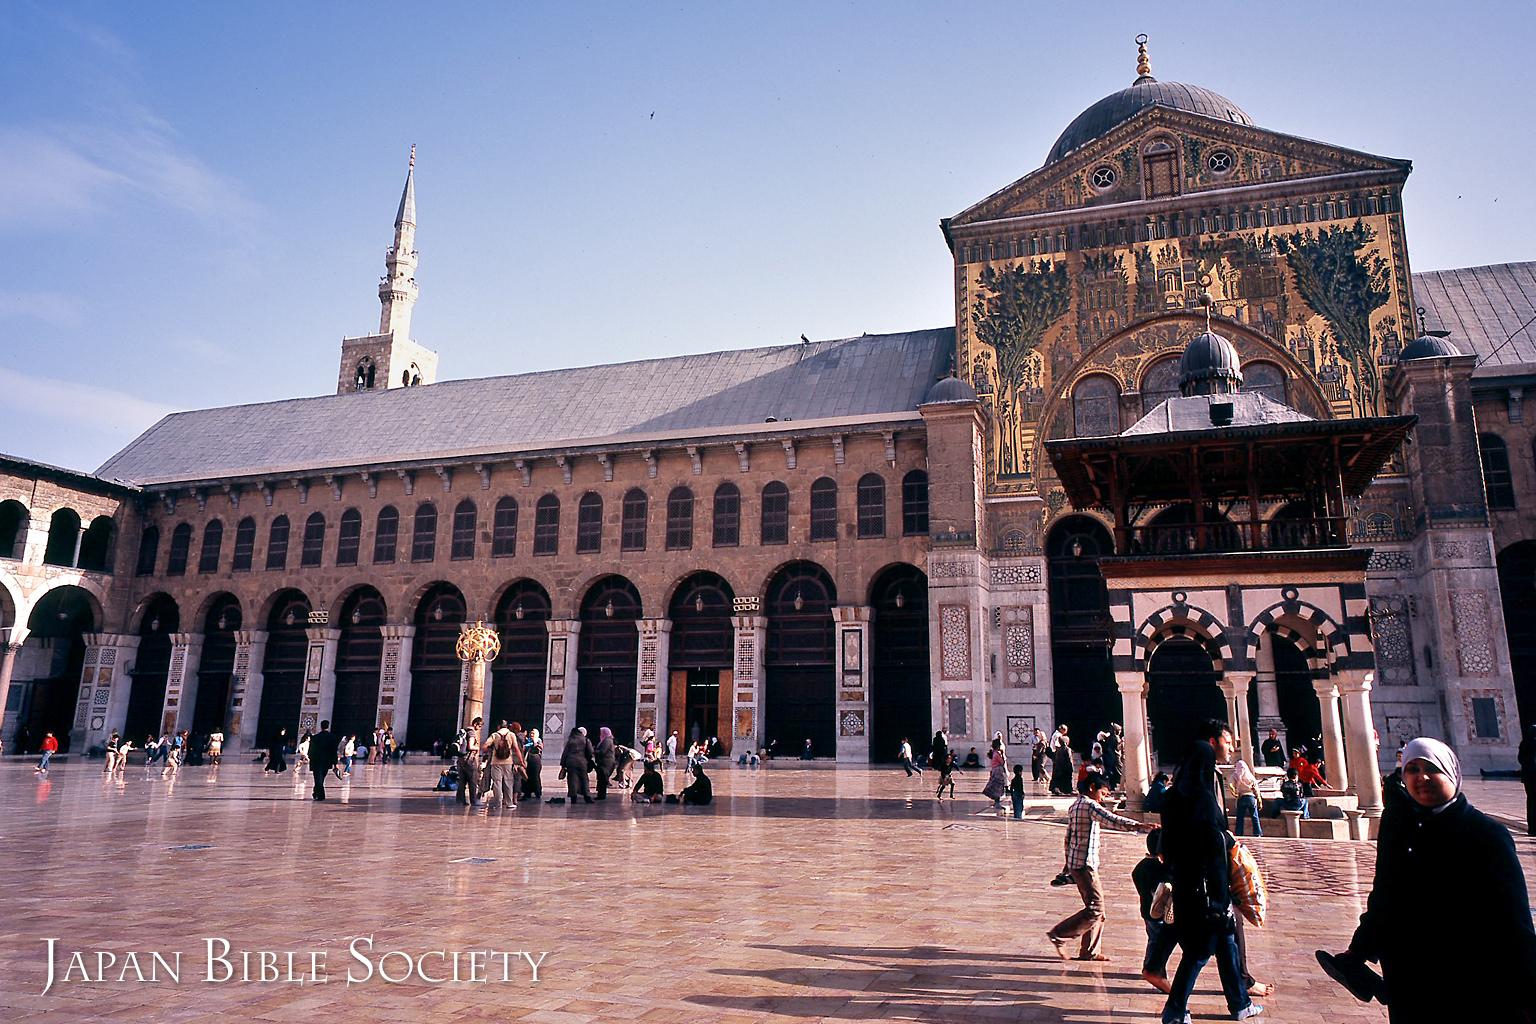 ダマスコのウマイヤドモスク(シリア)